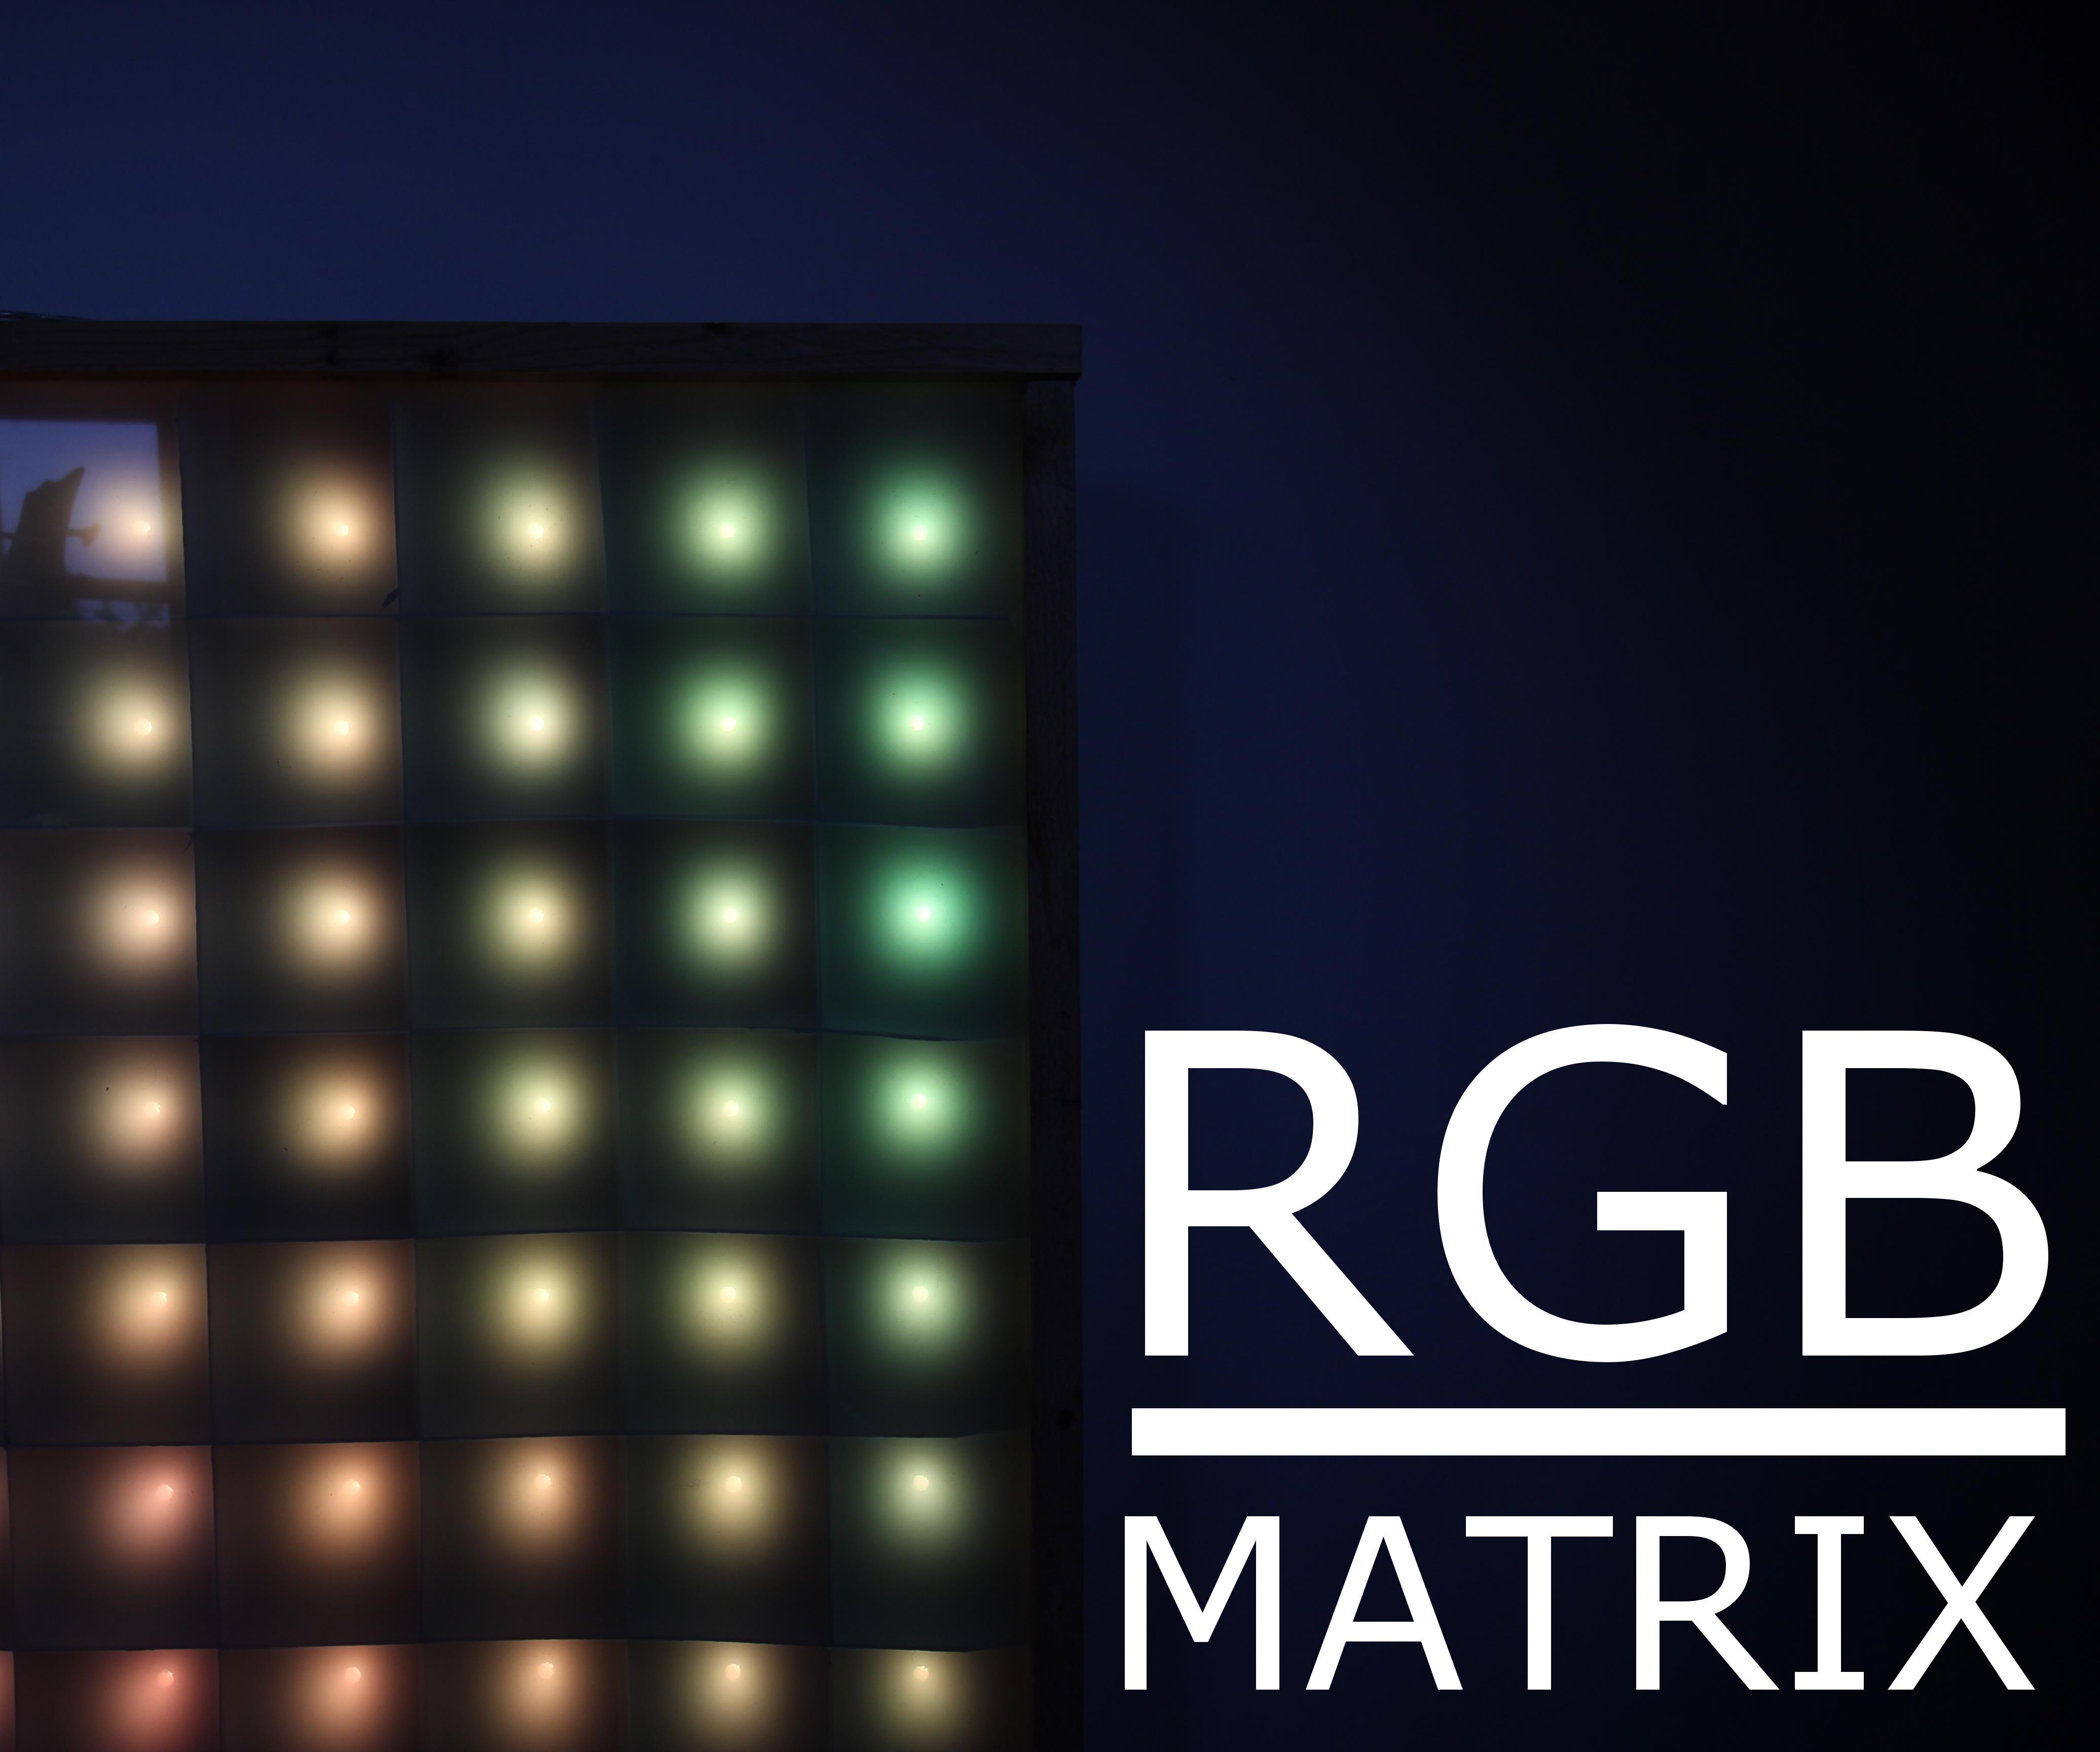 LED-matrix on a budget